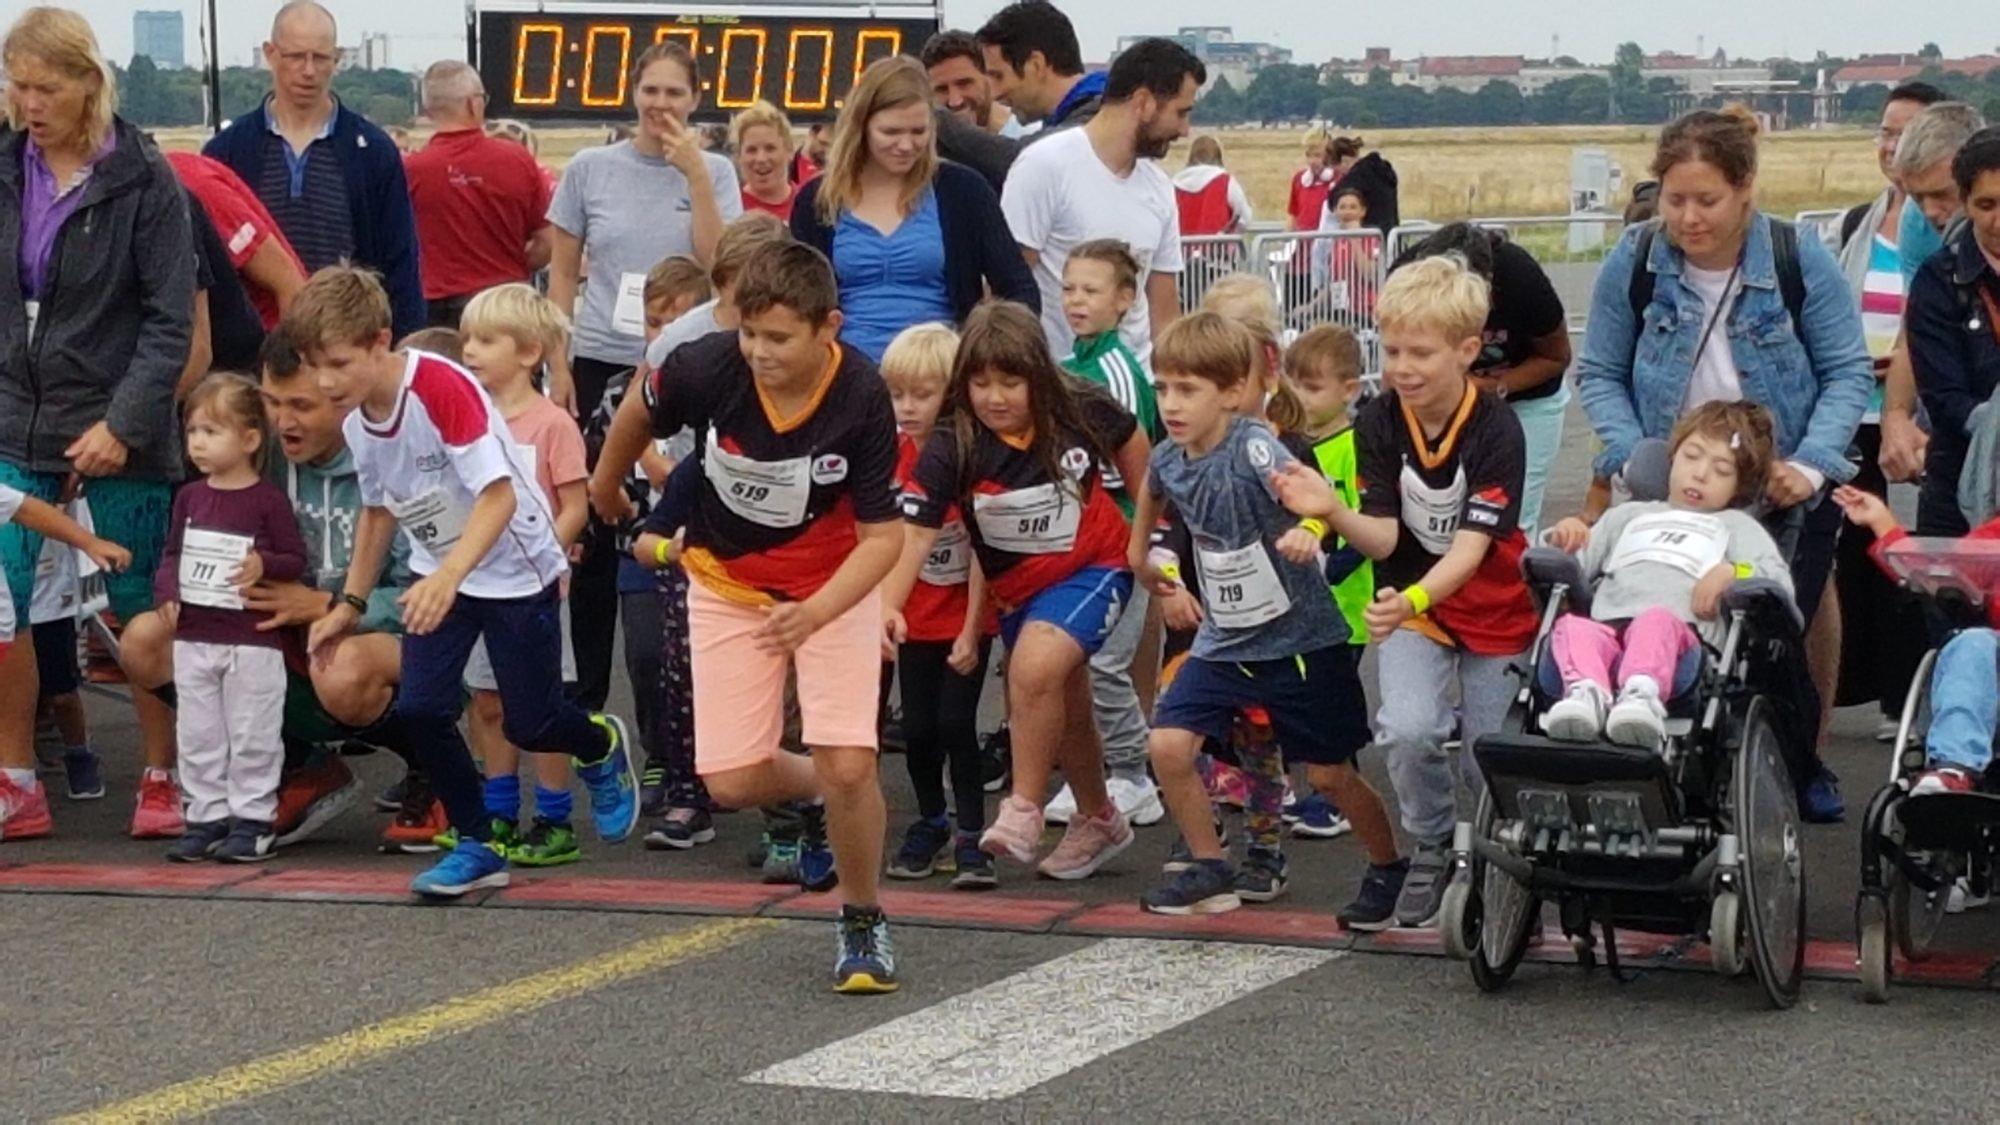 Der Startschuss für den Bambini-Lauf